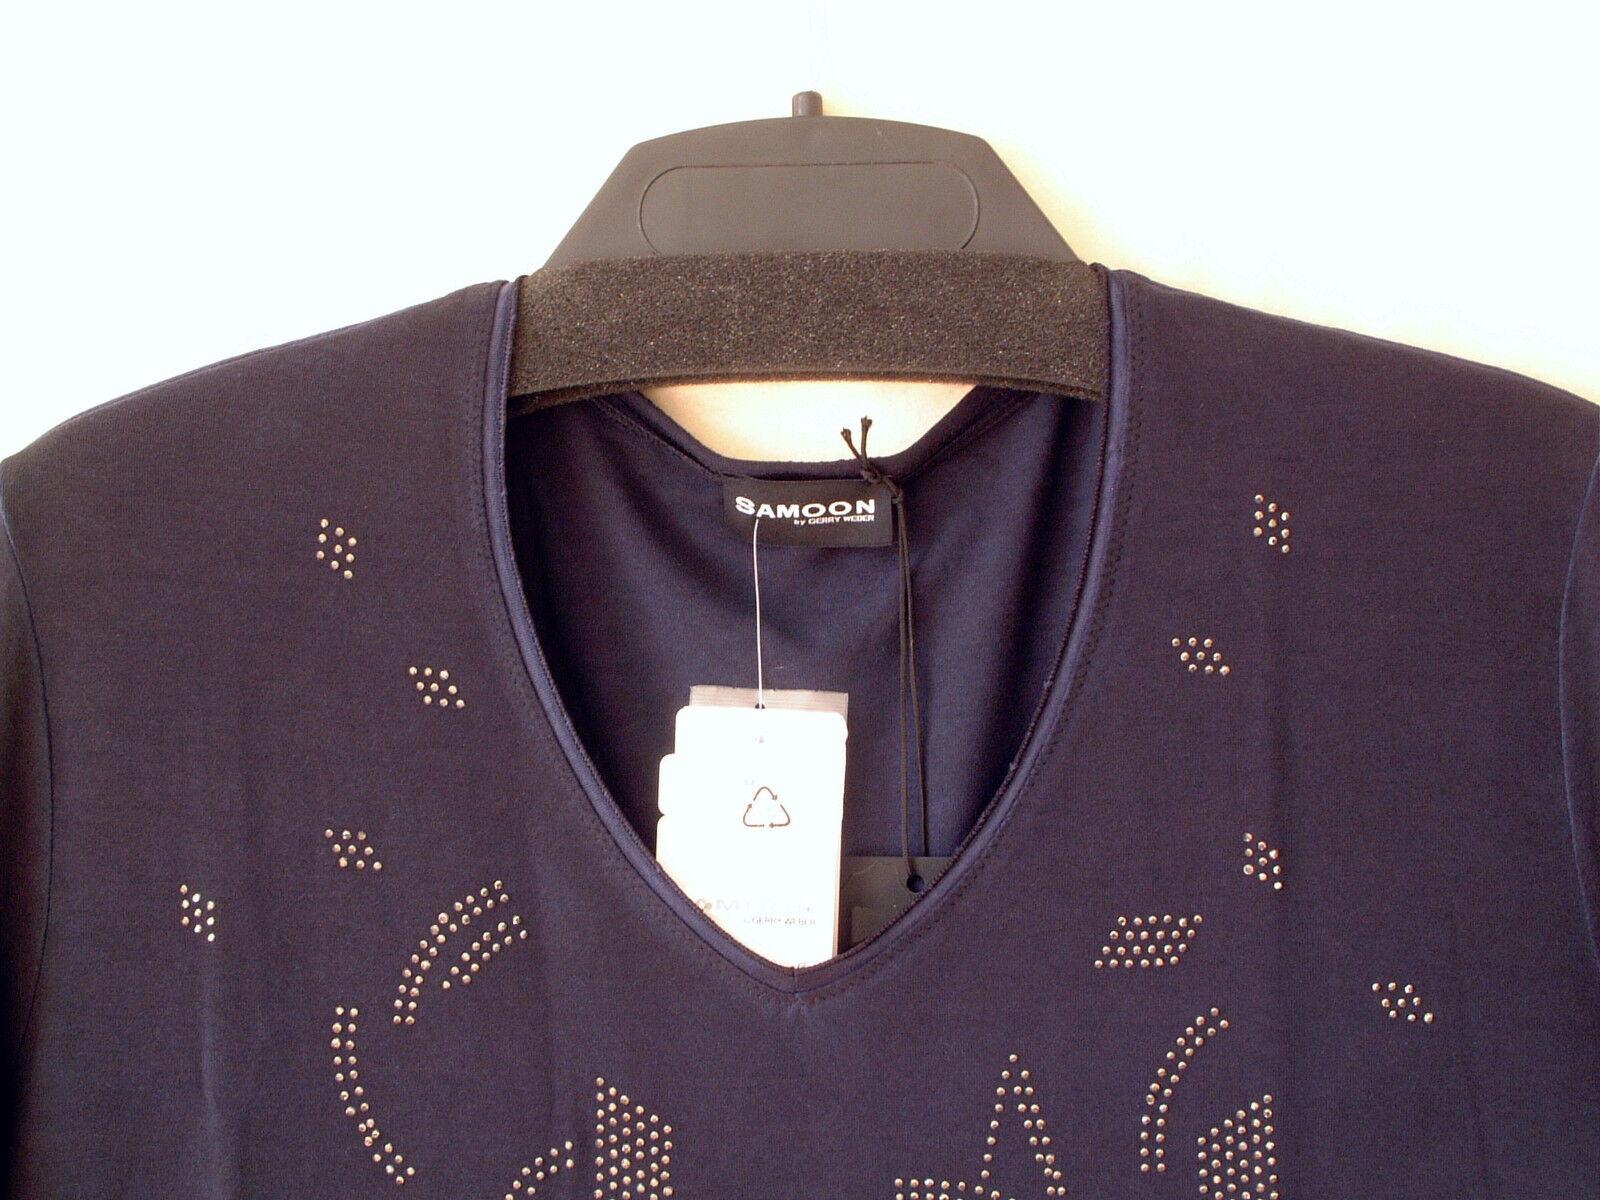 Samoon Shirt Shirt Shirt Gerry Weber kurzarm Viskose Stretch Damenshirt Neu dunkelblau Gr. | Verkauf  | Ästhetisches Aussehen  9ea8c4